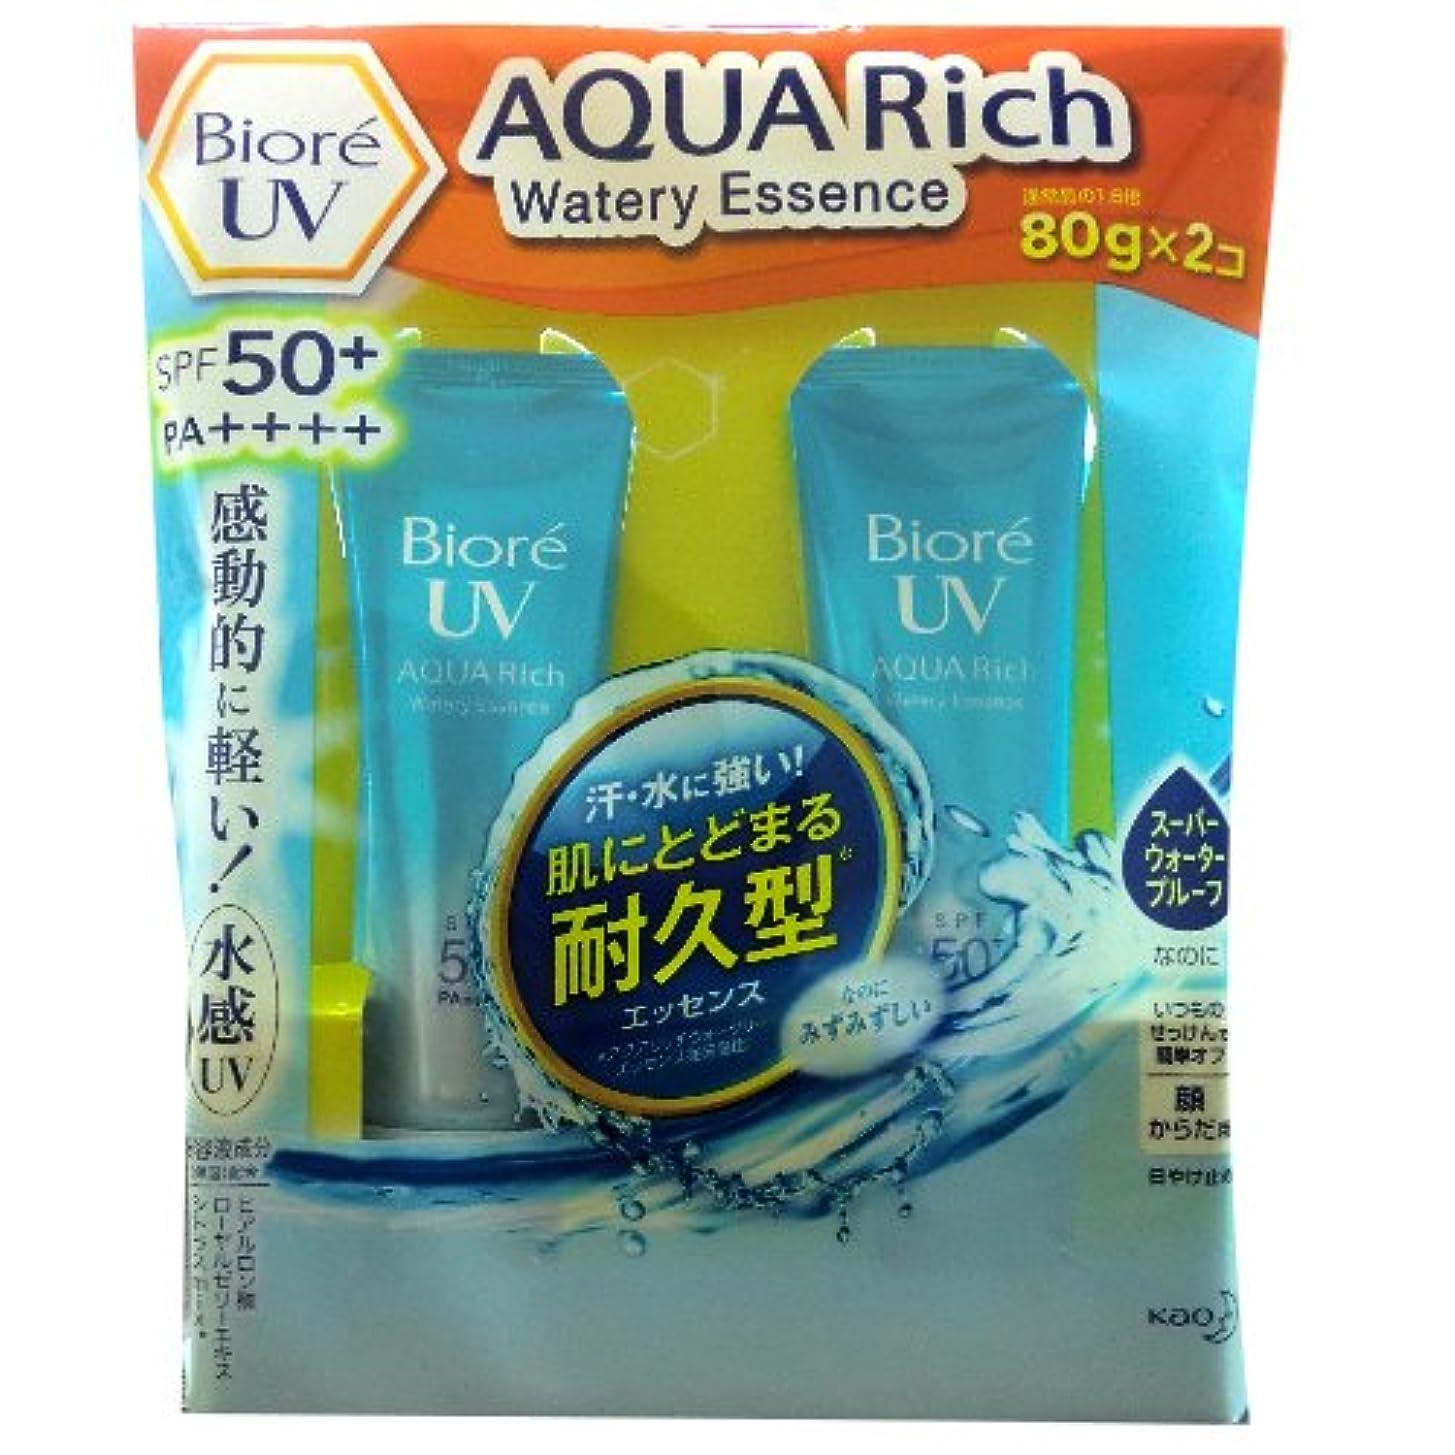 姉妹断線経由でBiore UV AQUA Rich Watery Essence 80g×2コ